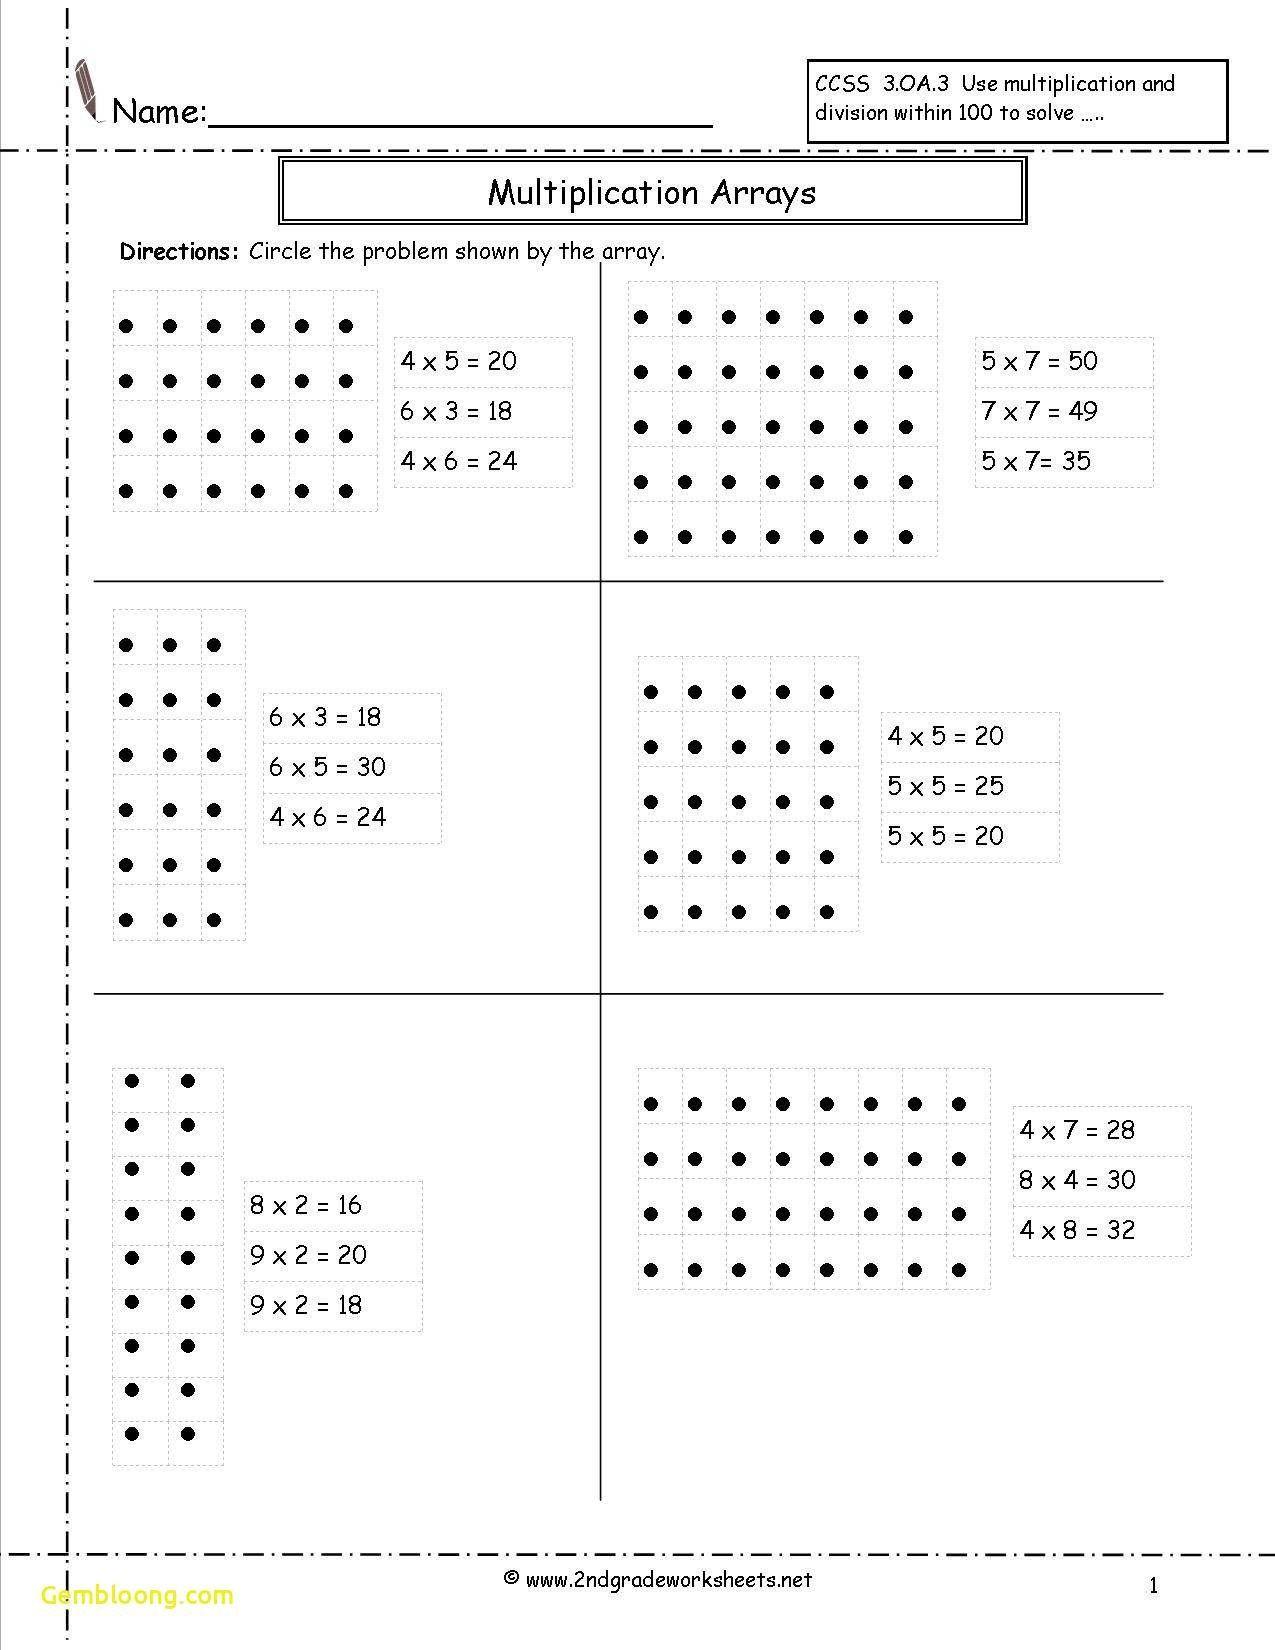 Free 2nd Grade Worksheets Array Worksheets 2nd Grade Worksheets Multiplication Arrays